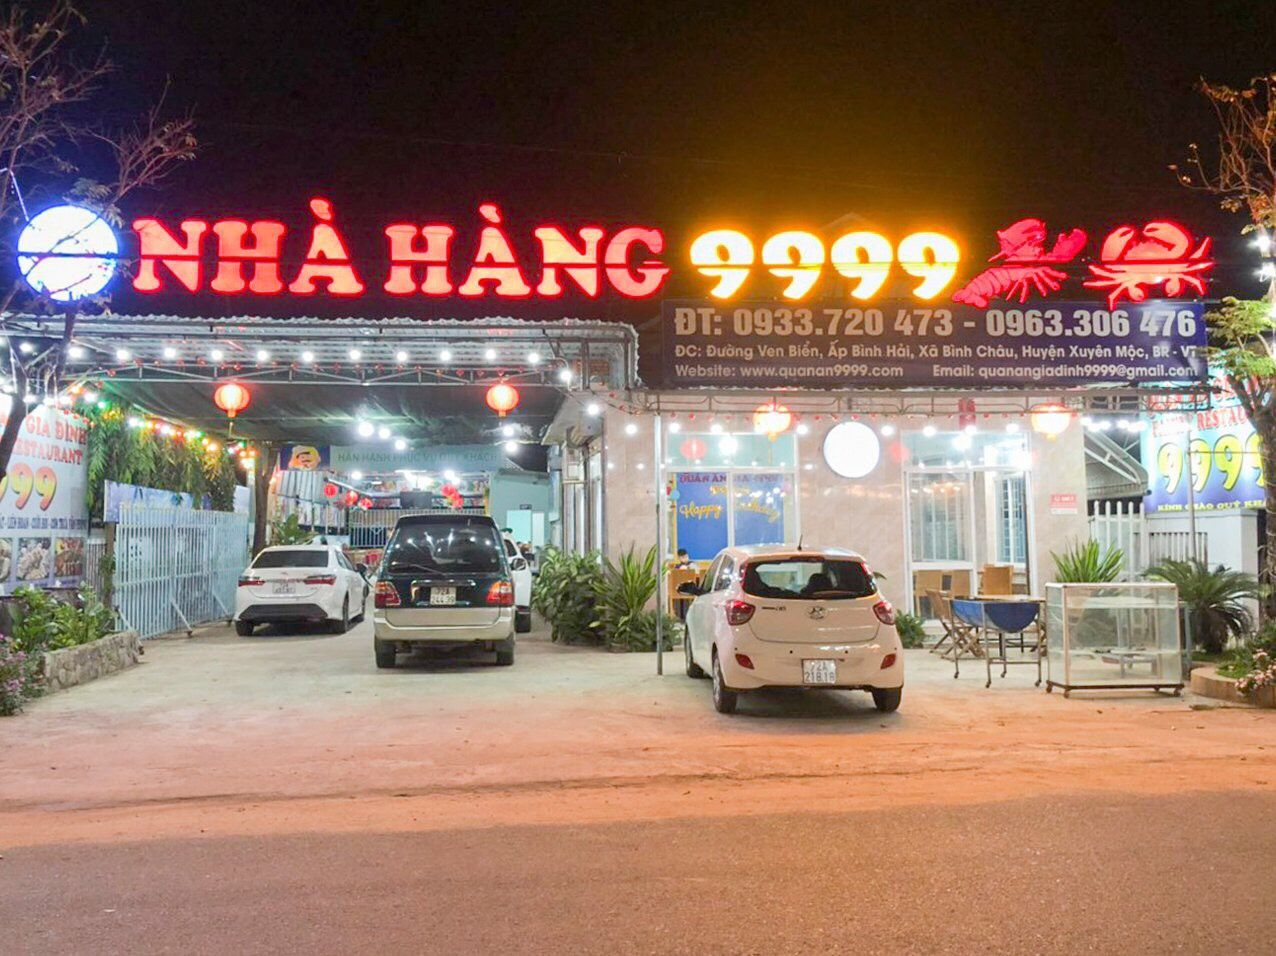 quán ăn hải sản 9999